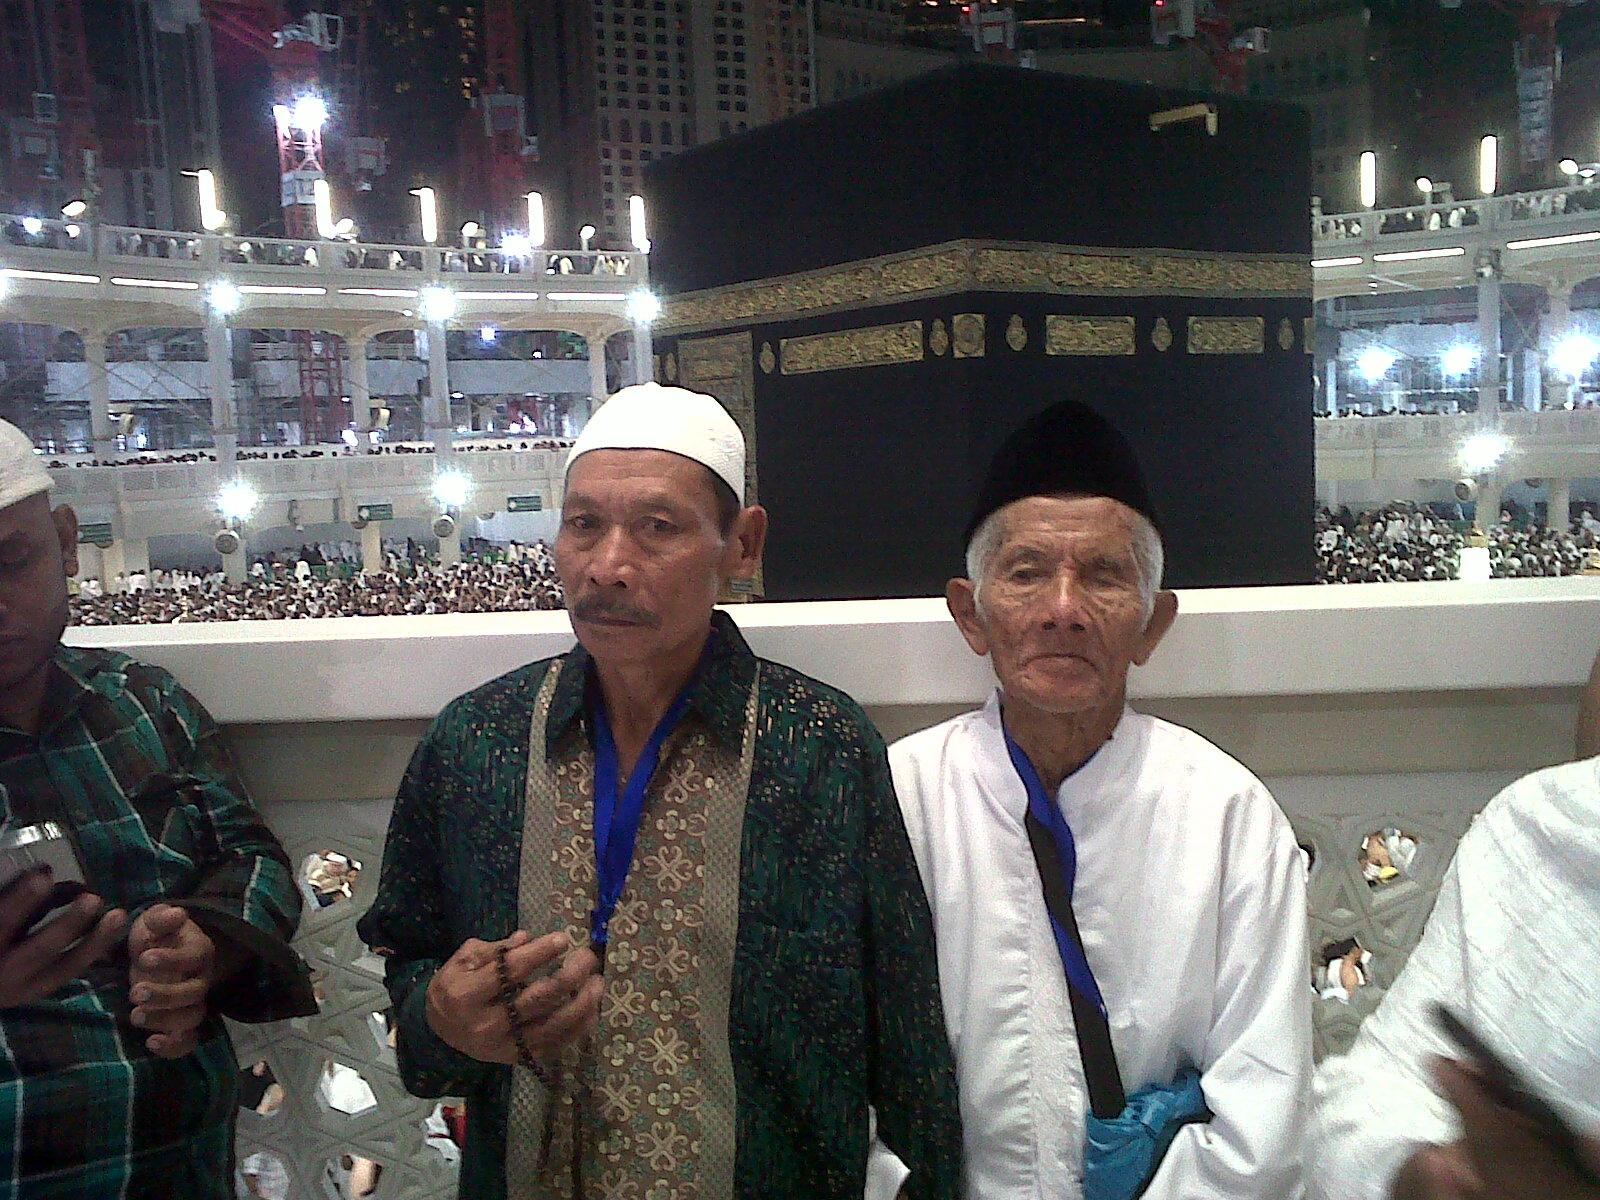 Wajib Hukumnya Thawaf Wada bagi Jamaah Haji dan Sunnah Hukumnya Thawaf Wada bagi Jammaah umroh